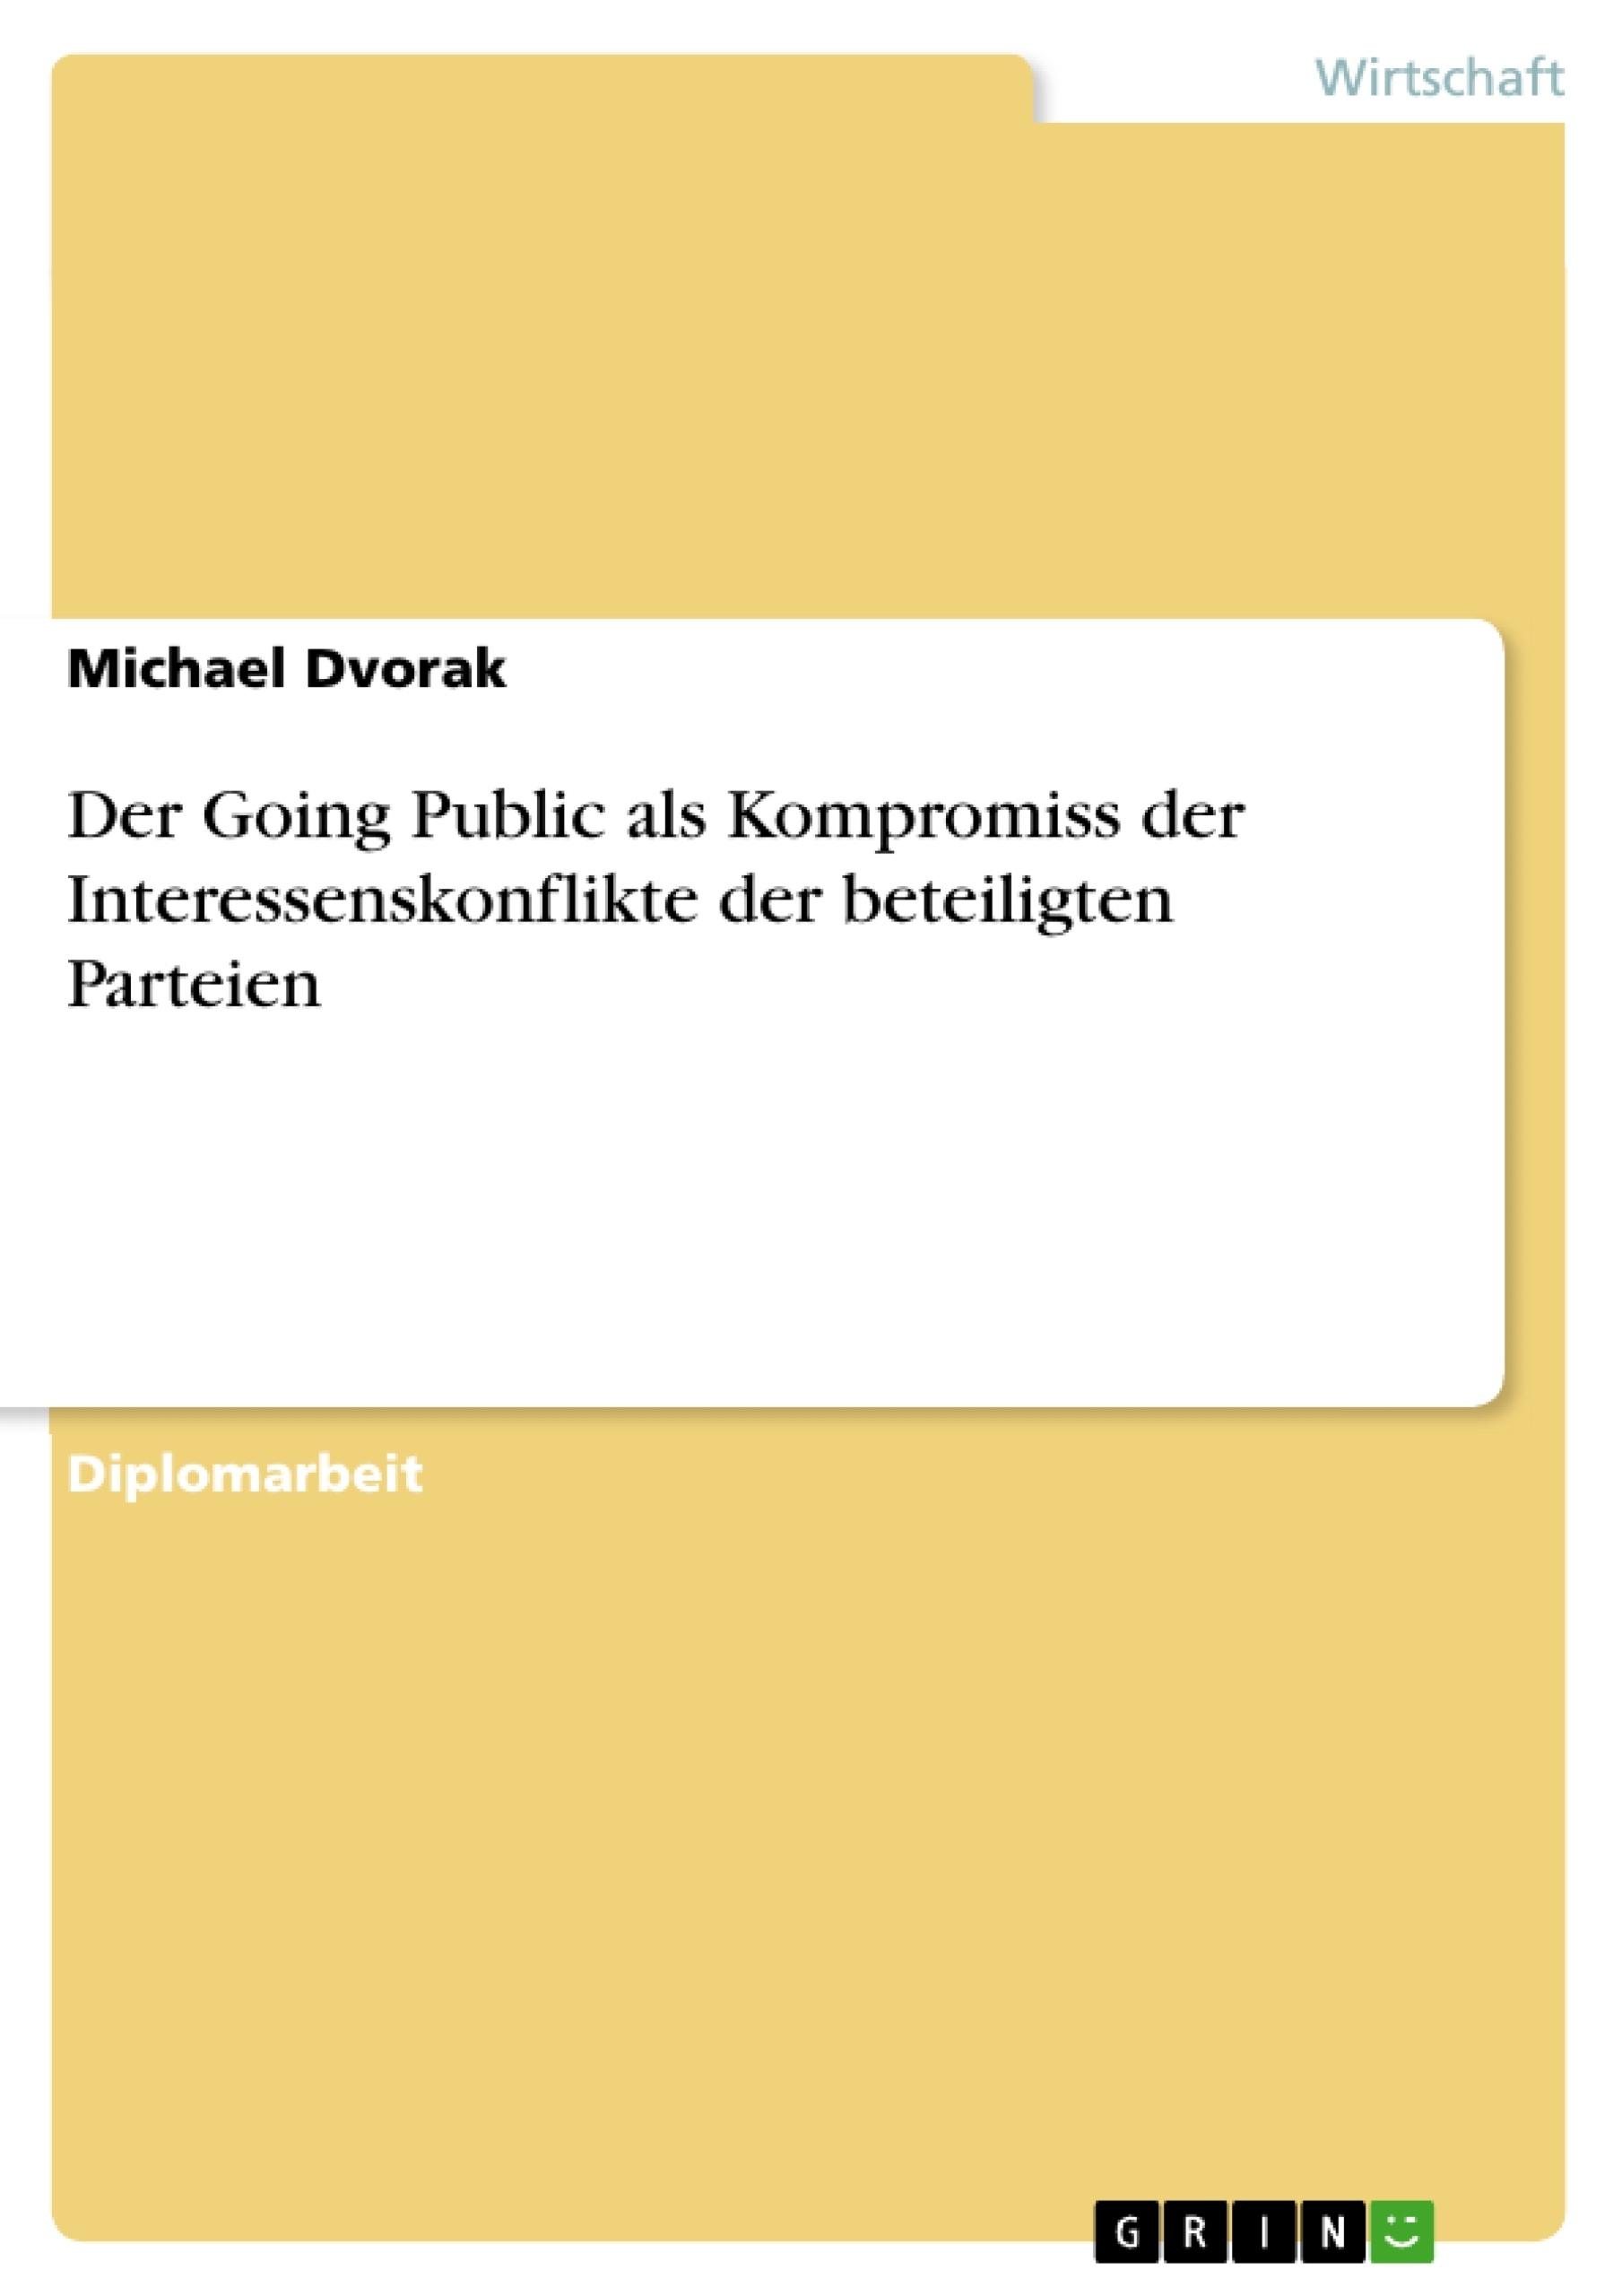 Titel: Der Going Public als Kompromiss der Interessenskonflikte der beteiligten Parteien